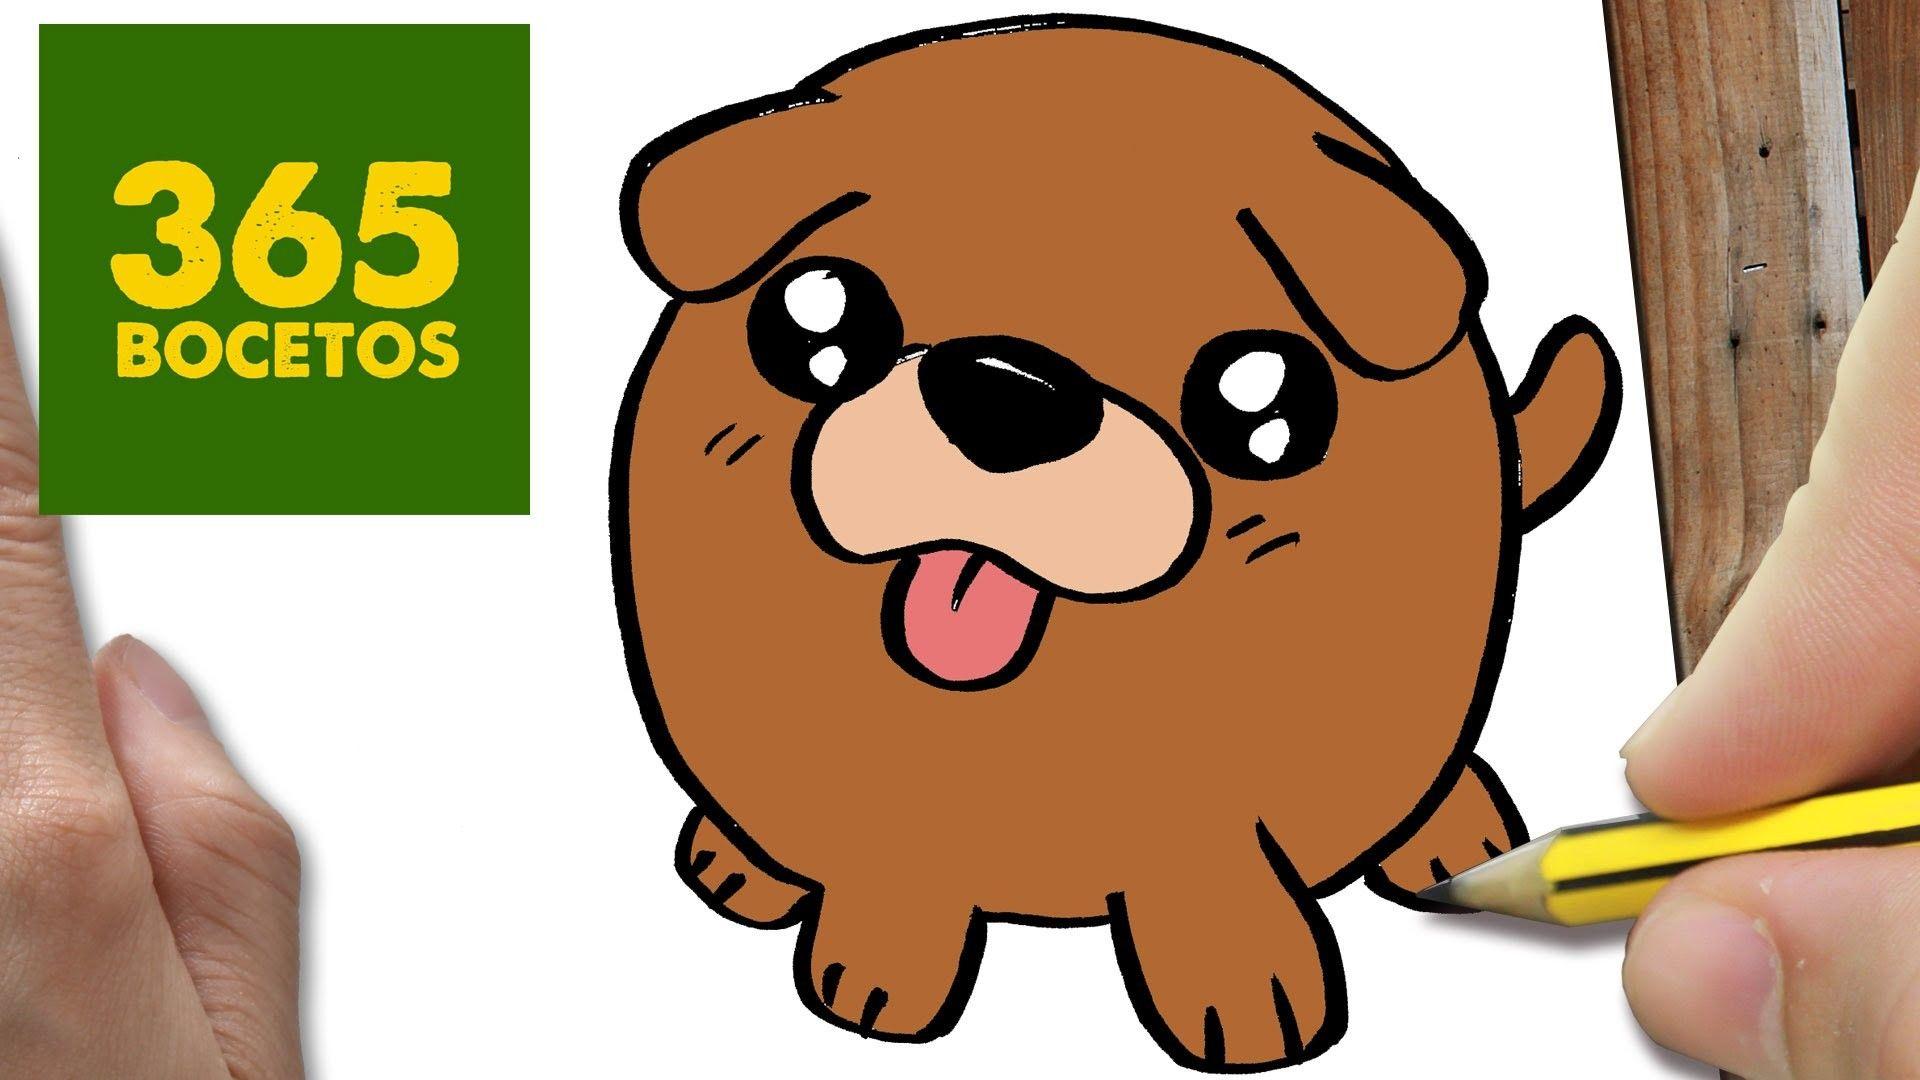 Resultado De Imagen Para 365bocetos Perro 365 Bocetos Perros